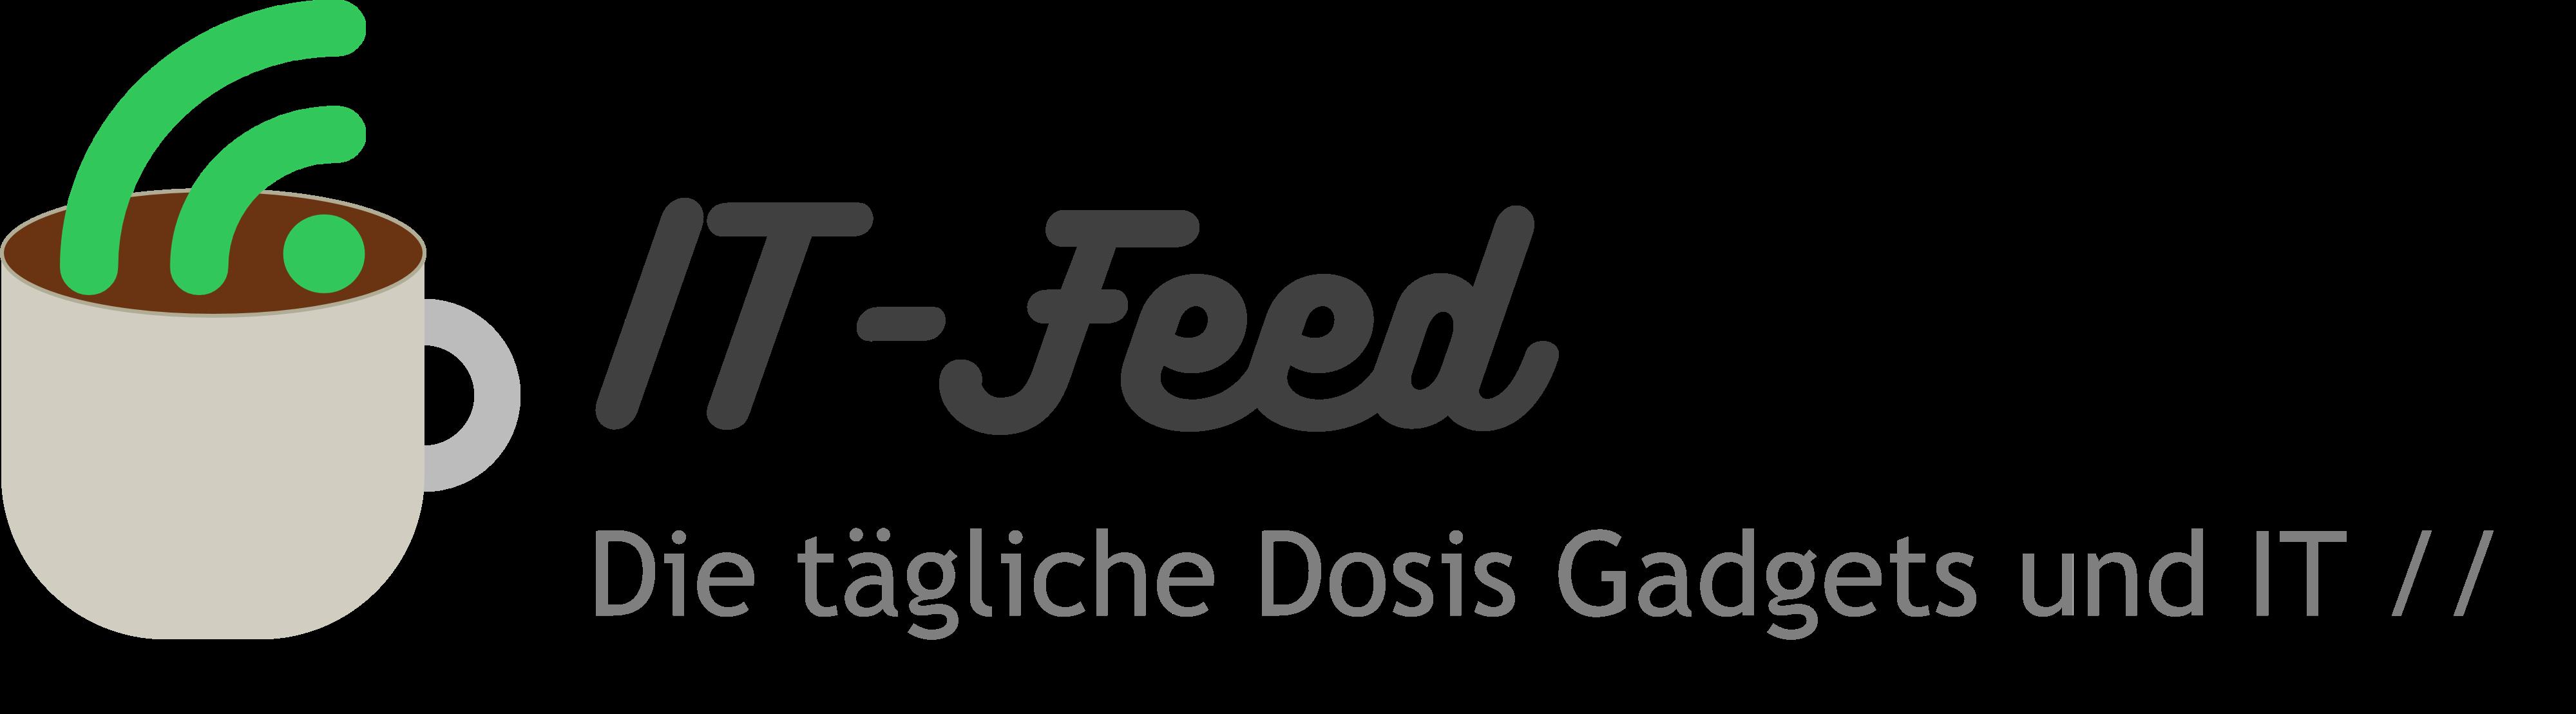 IT-Feed